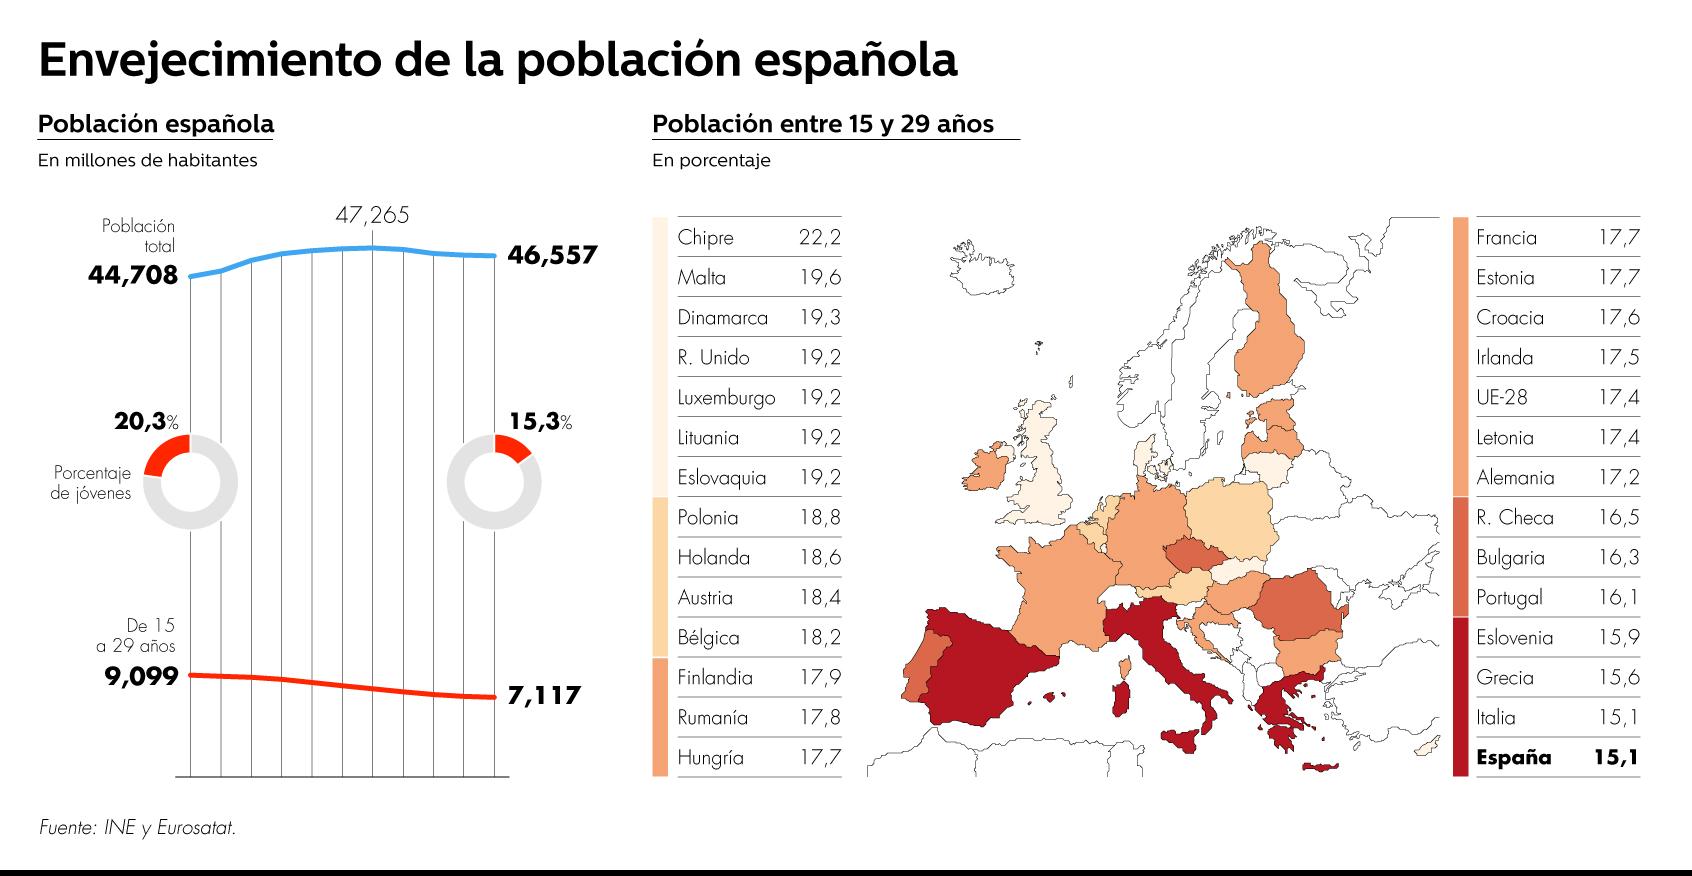 Demografía. España: fecundidad, nupcialidad, natalidad, esperanza media de vida.  - Página 2 29029_PoblacionJovenEspana02